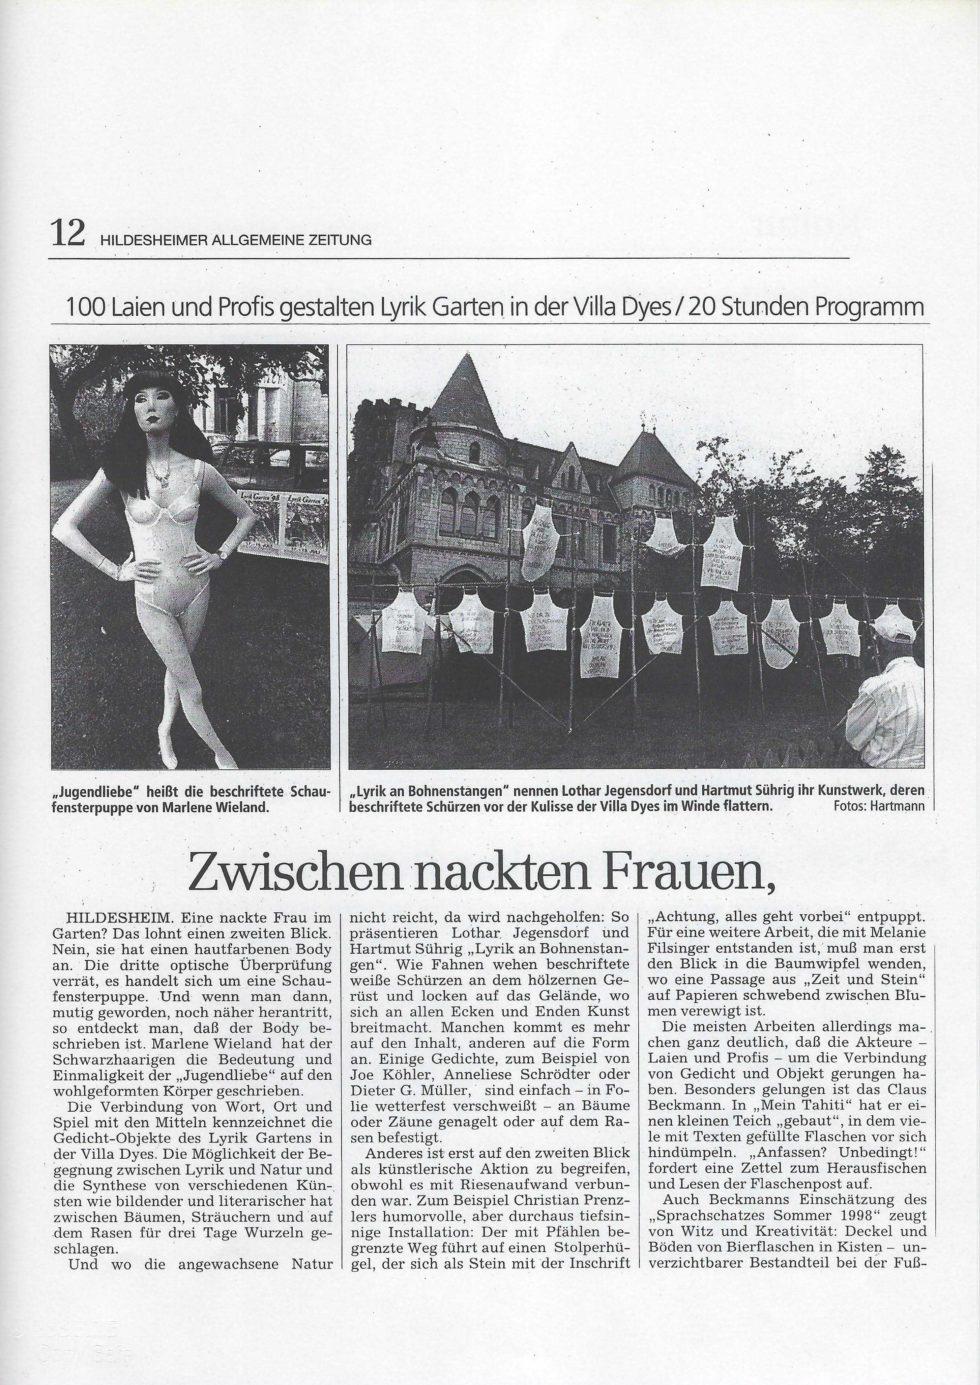 1998 LyrikGarten, LiteraTalk, Politisches_Seite_11